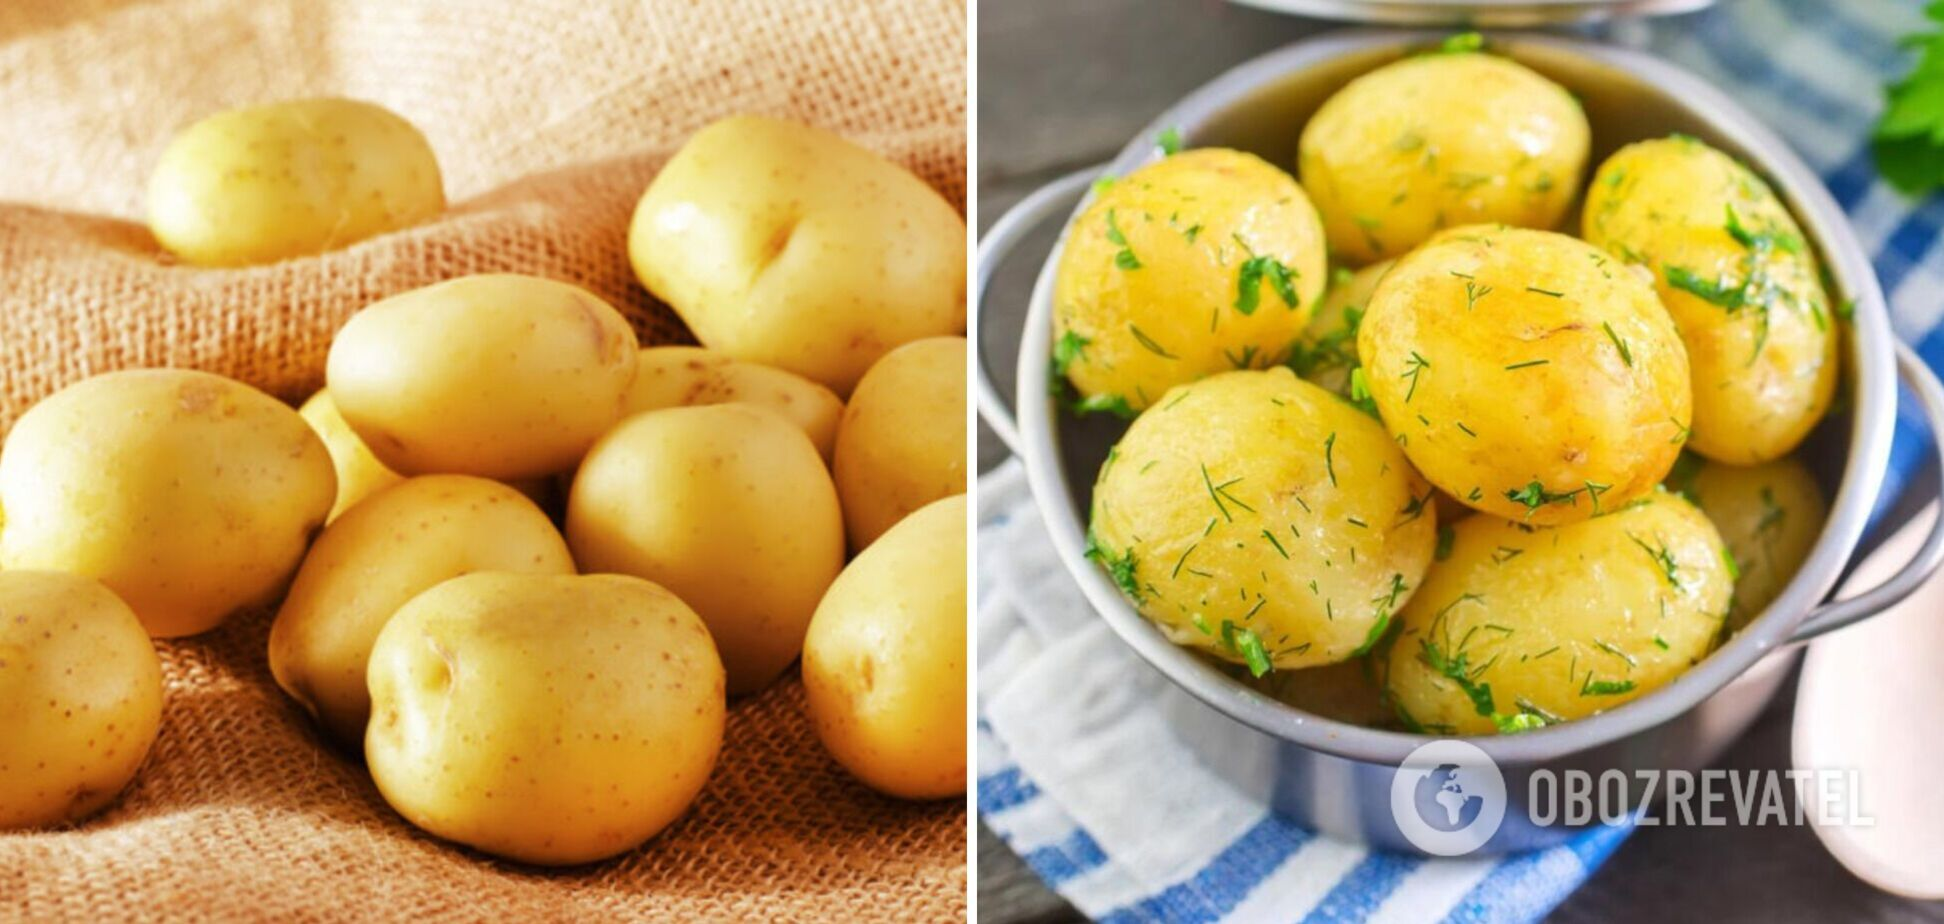 Полезный картофель для фигуры: какие ценные вещества содержит овощ